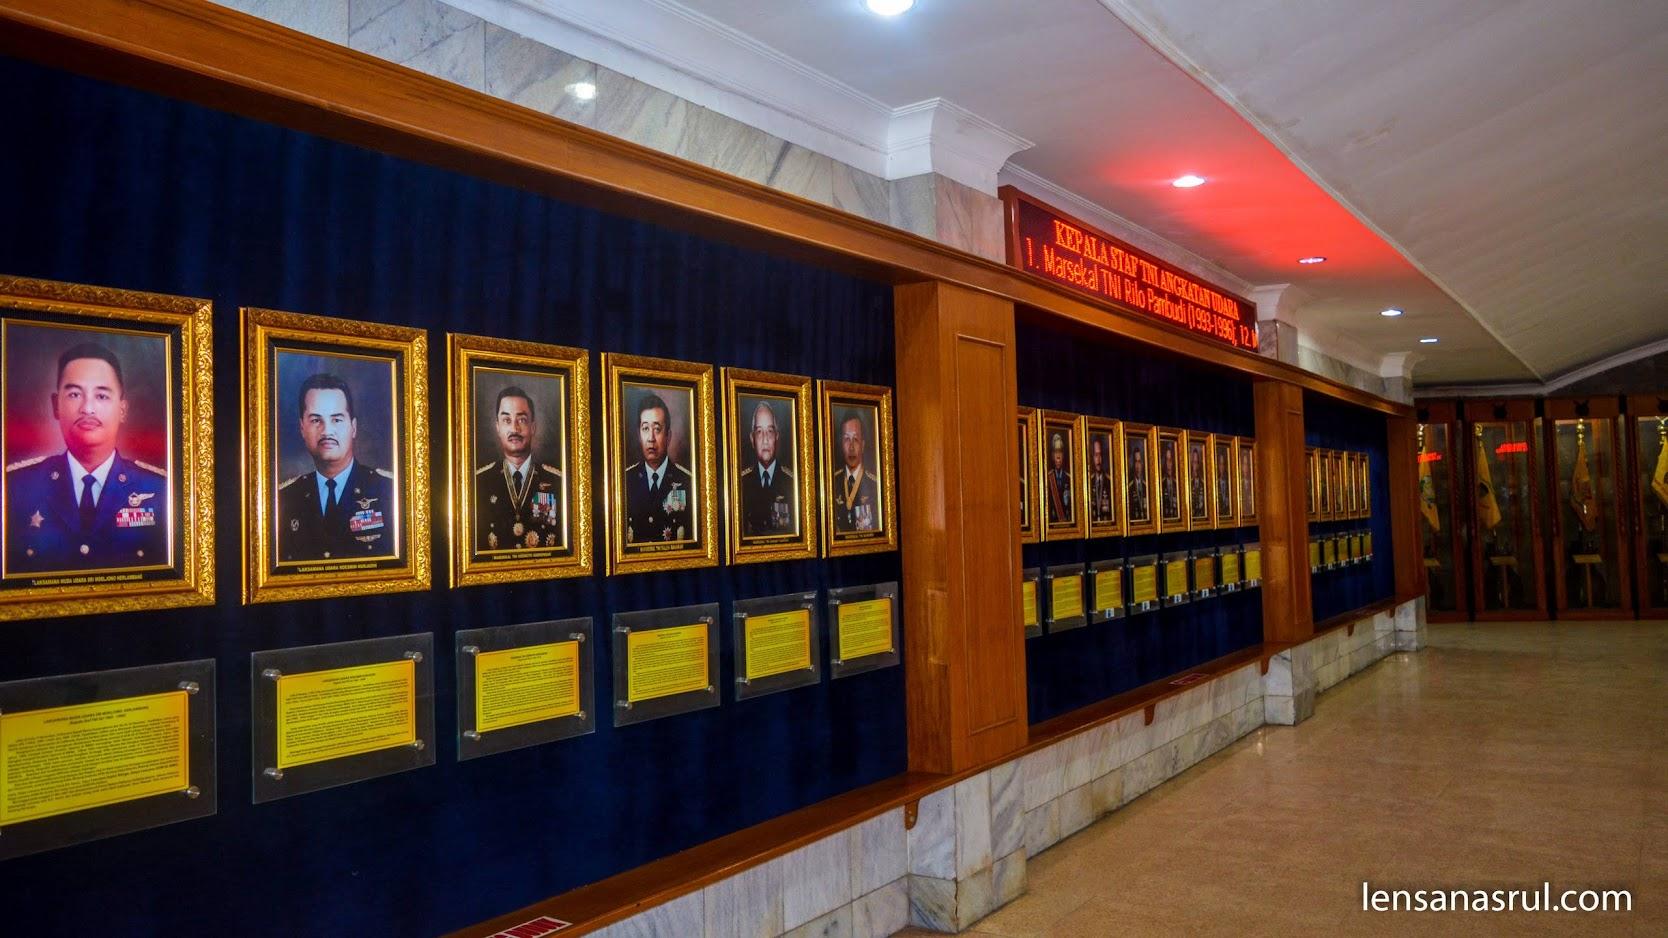 Pintu masuk pertama di hadapkan dengan informasi kelapa staf beserta pahlawan